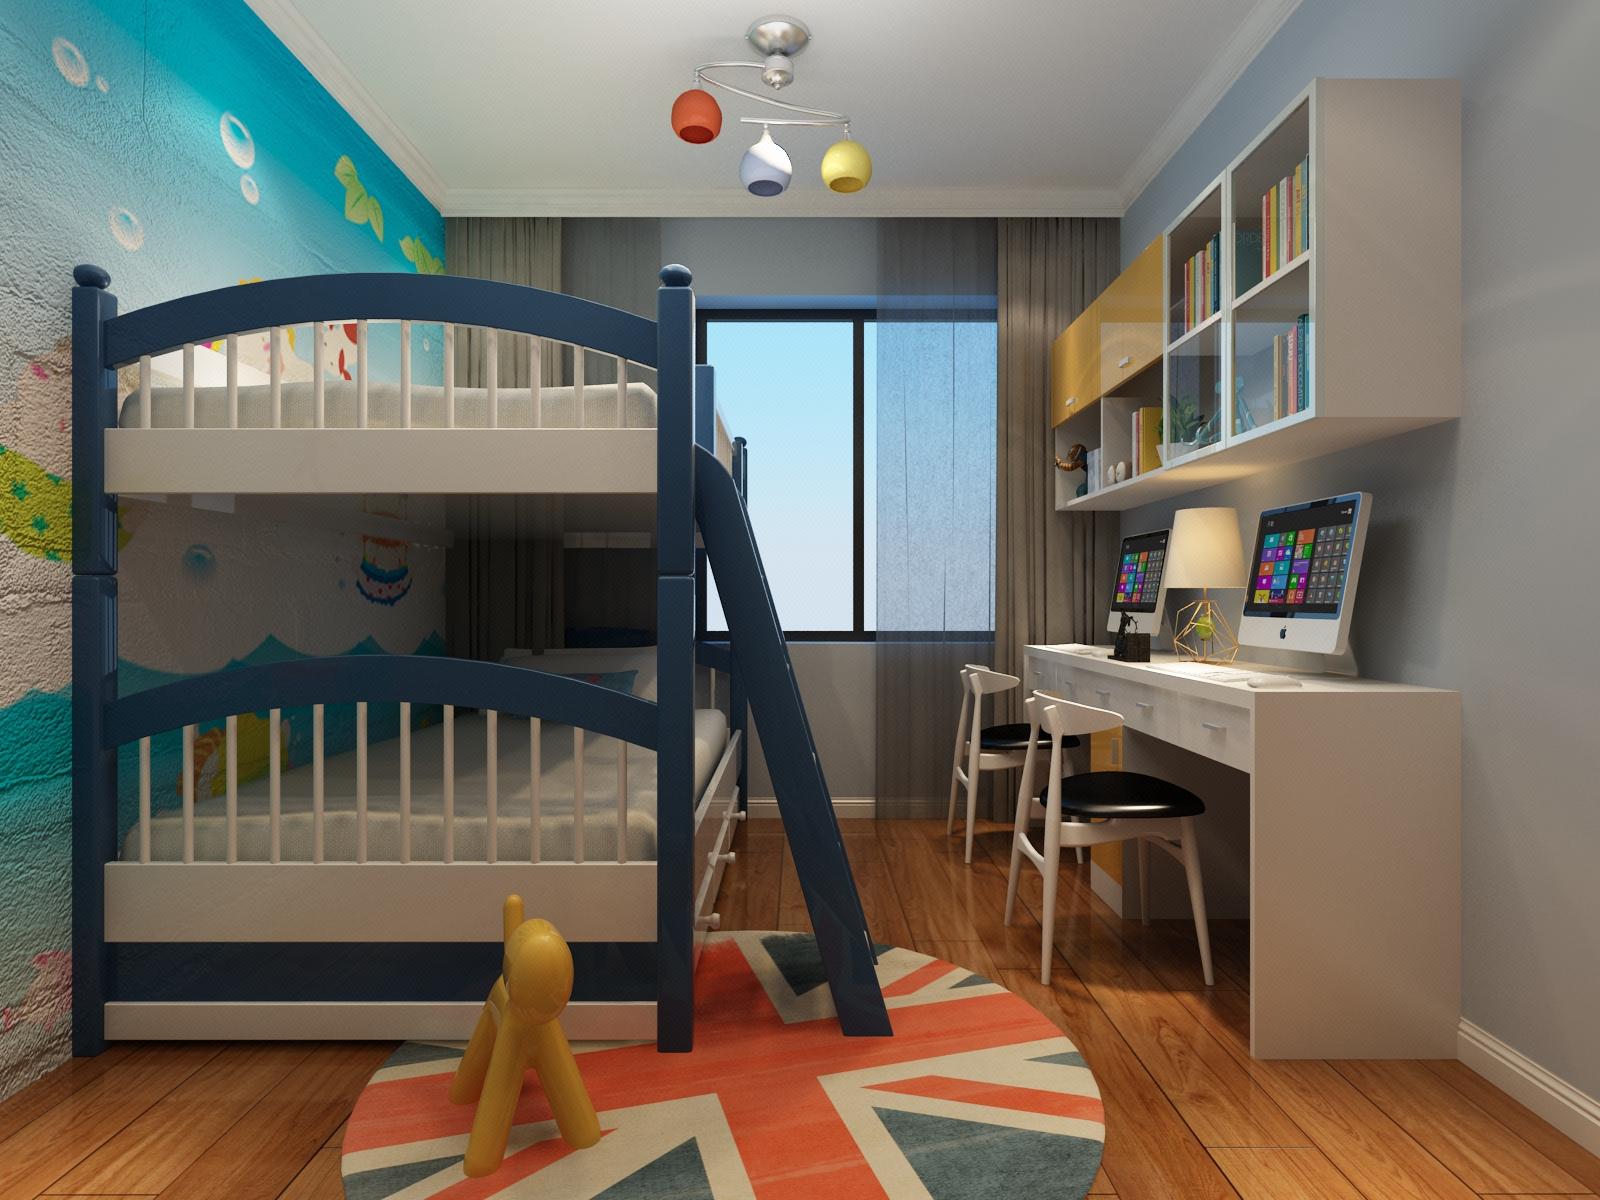 【家装设计】室内装修设计新房装修设计效果图设计家装设计自建房